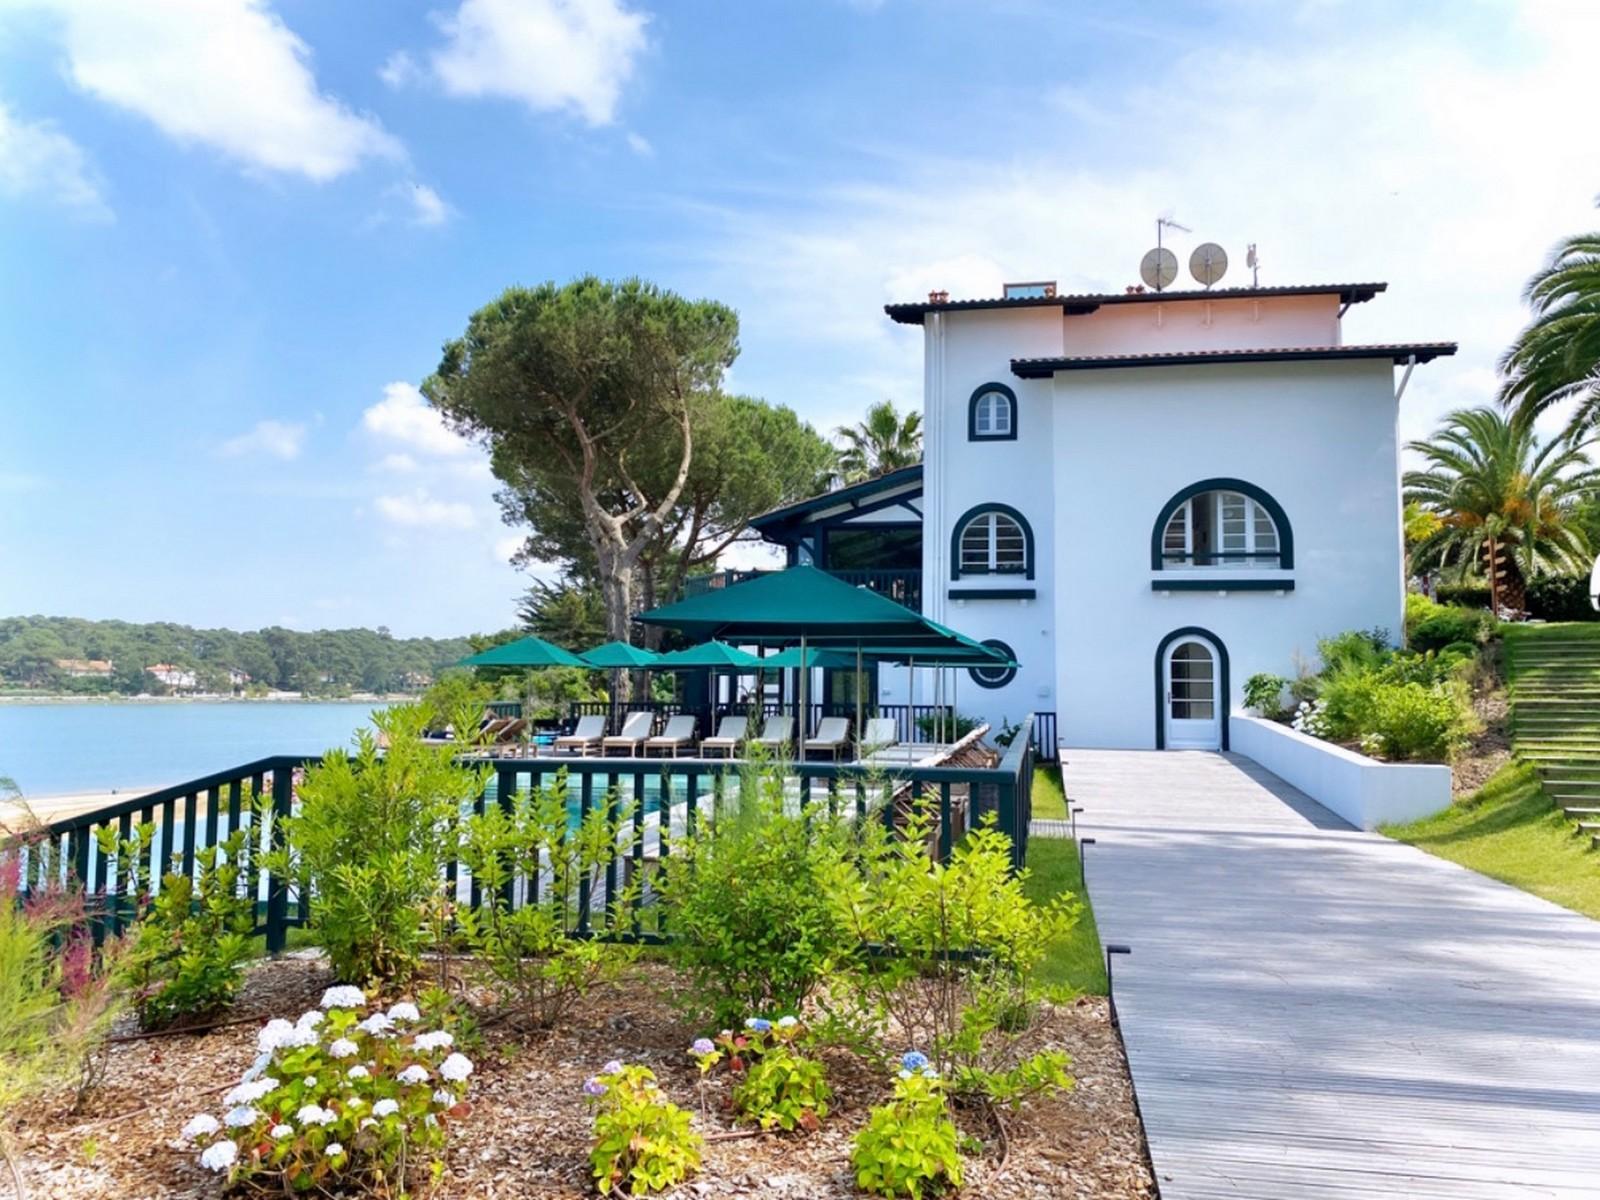 les hortensias du lac,hossegor,hôtel,restaurant,spa,relais et châteaux,escape,travel,landes,france